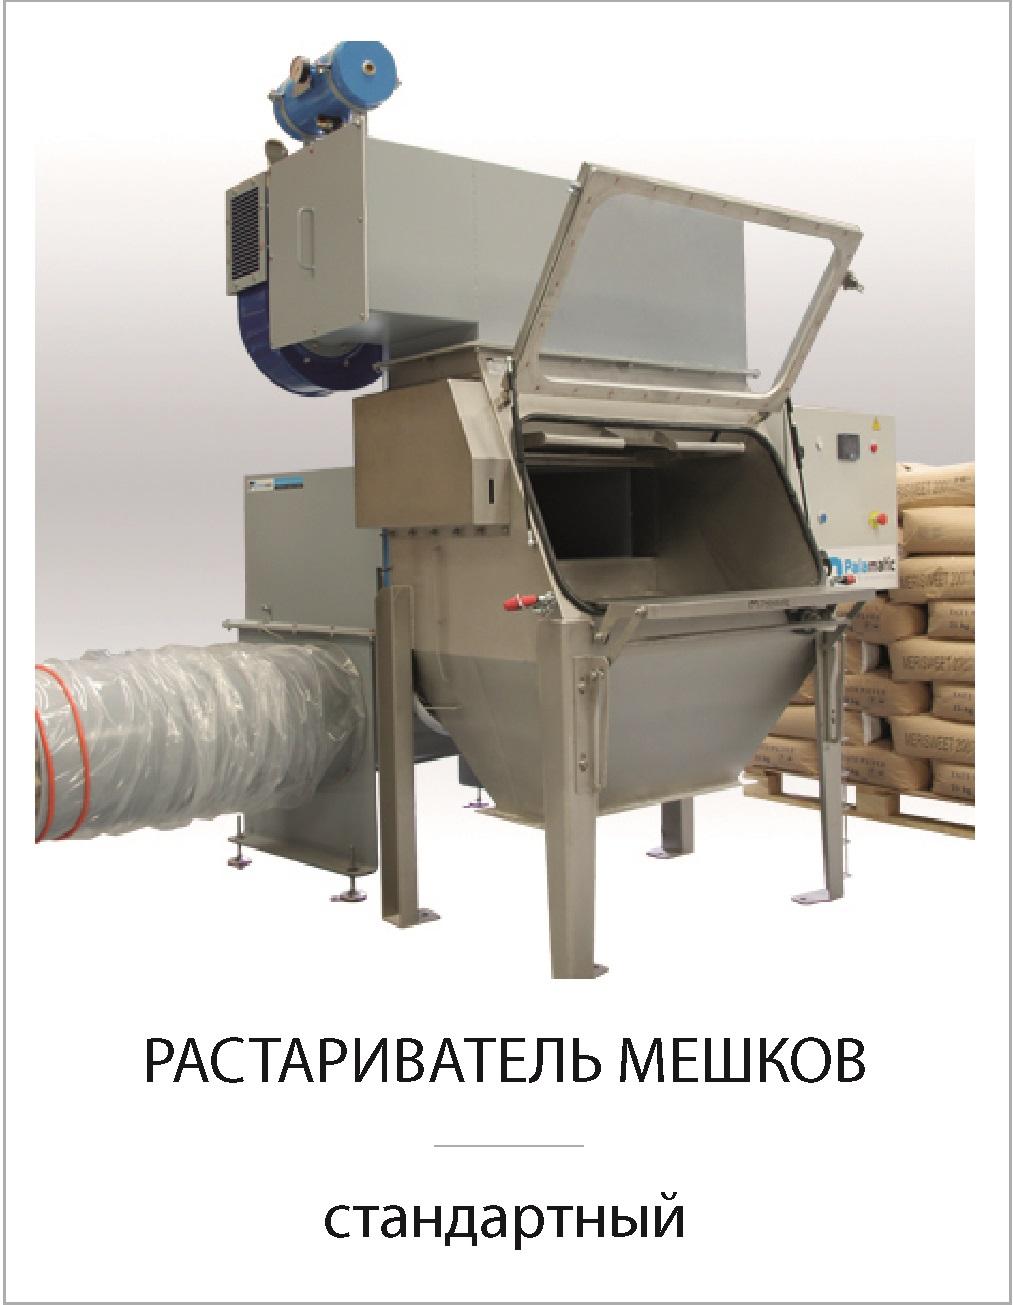 RASTARIVATEL_MEShKOV_standartnyy.jpg